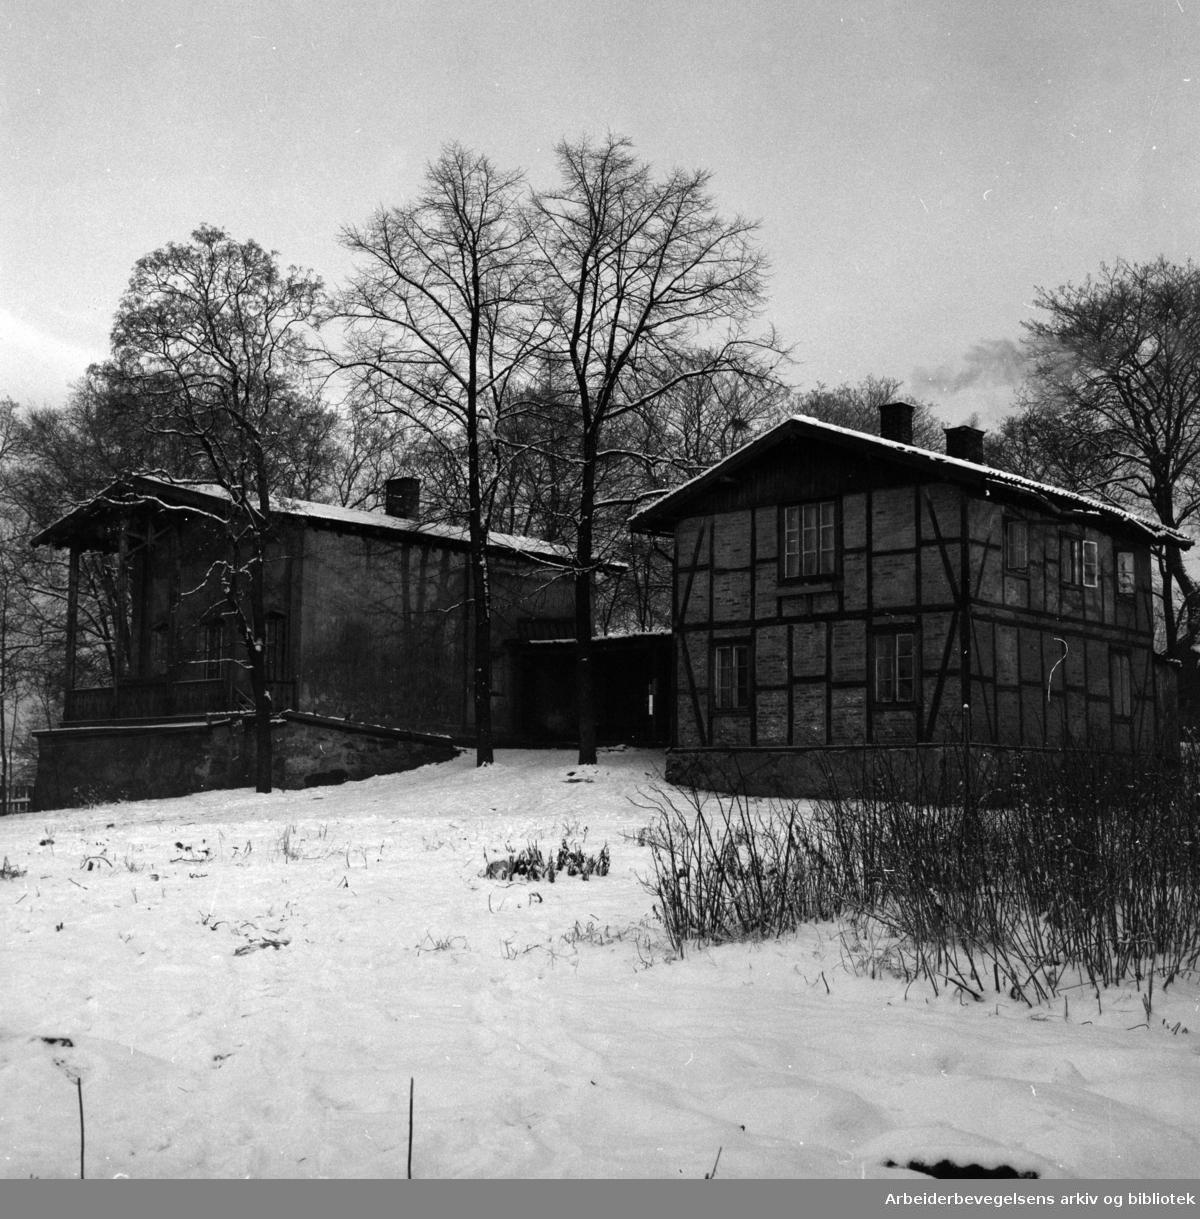 Heibergløkken. Bygget for professor Chr. Heiberg i slutten av 1840-årene. Desember 1953.